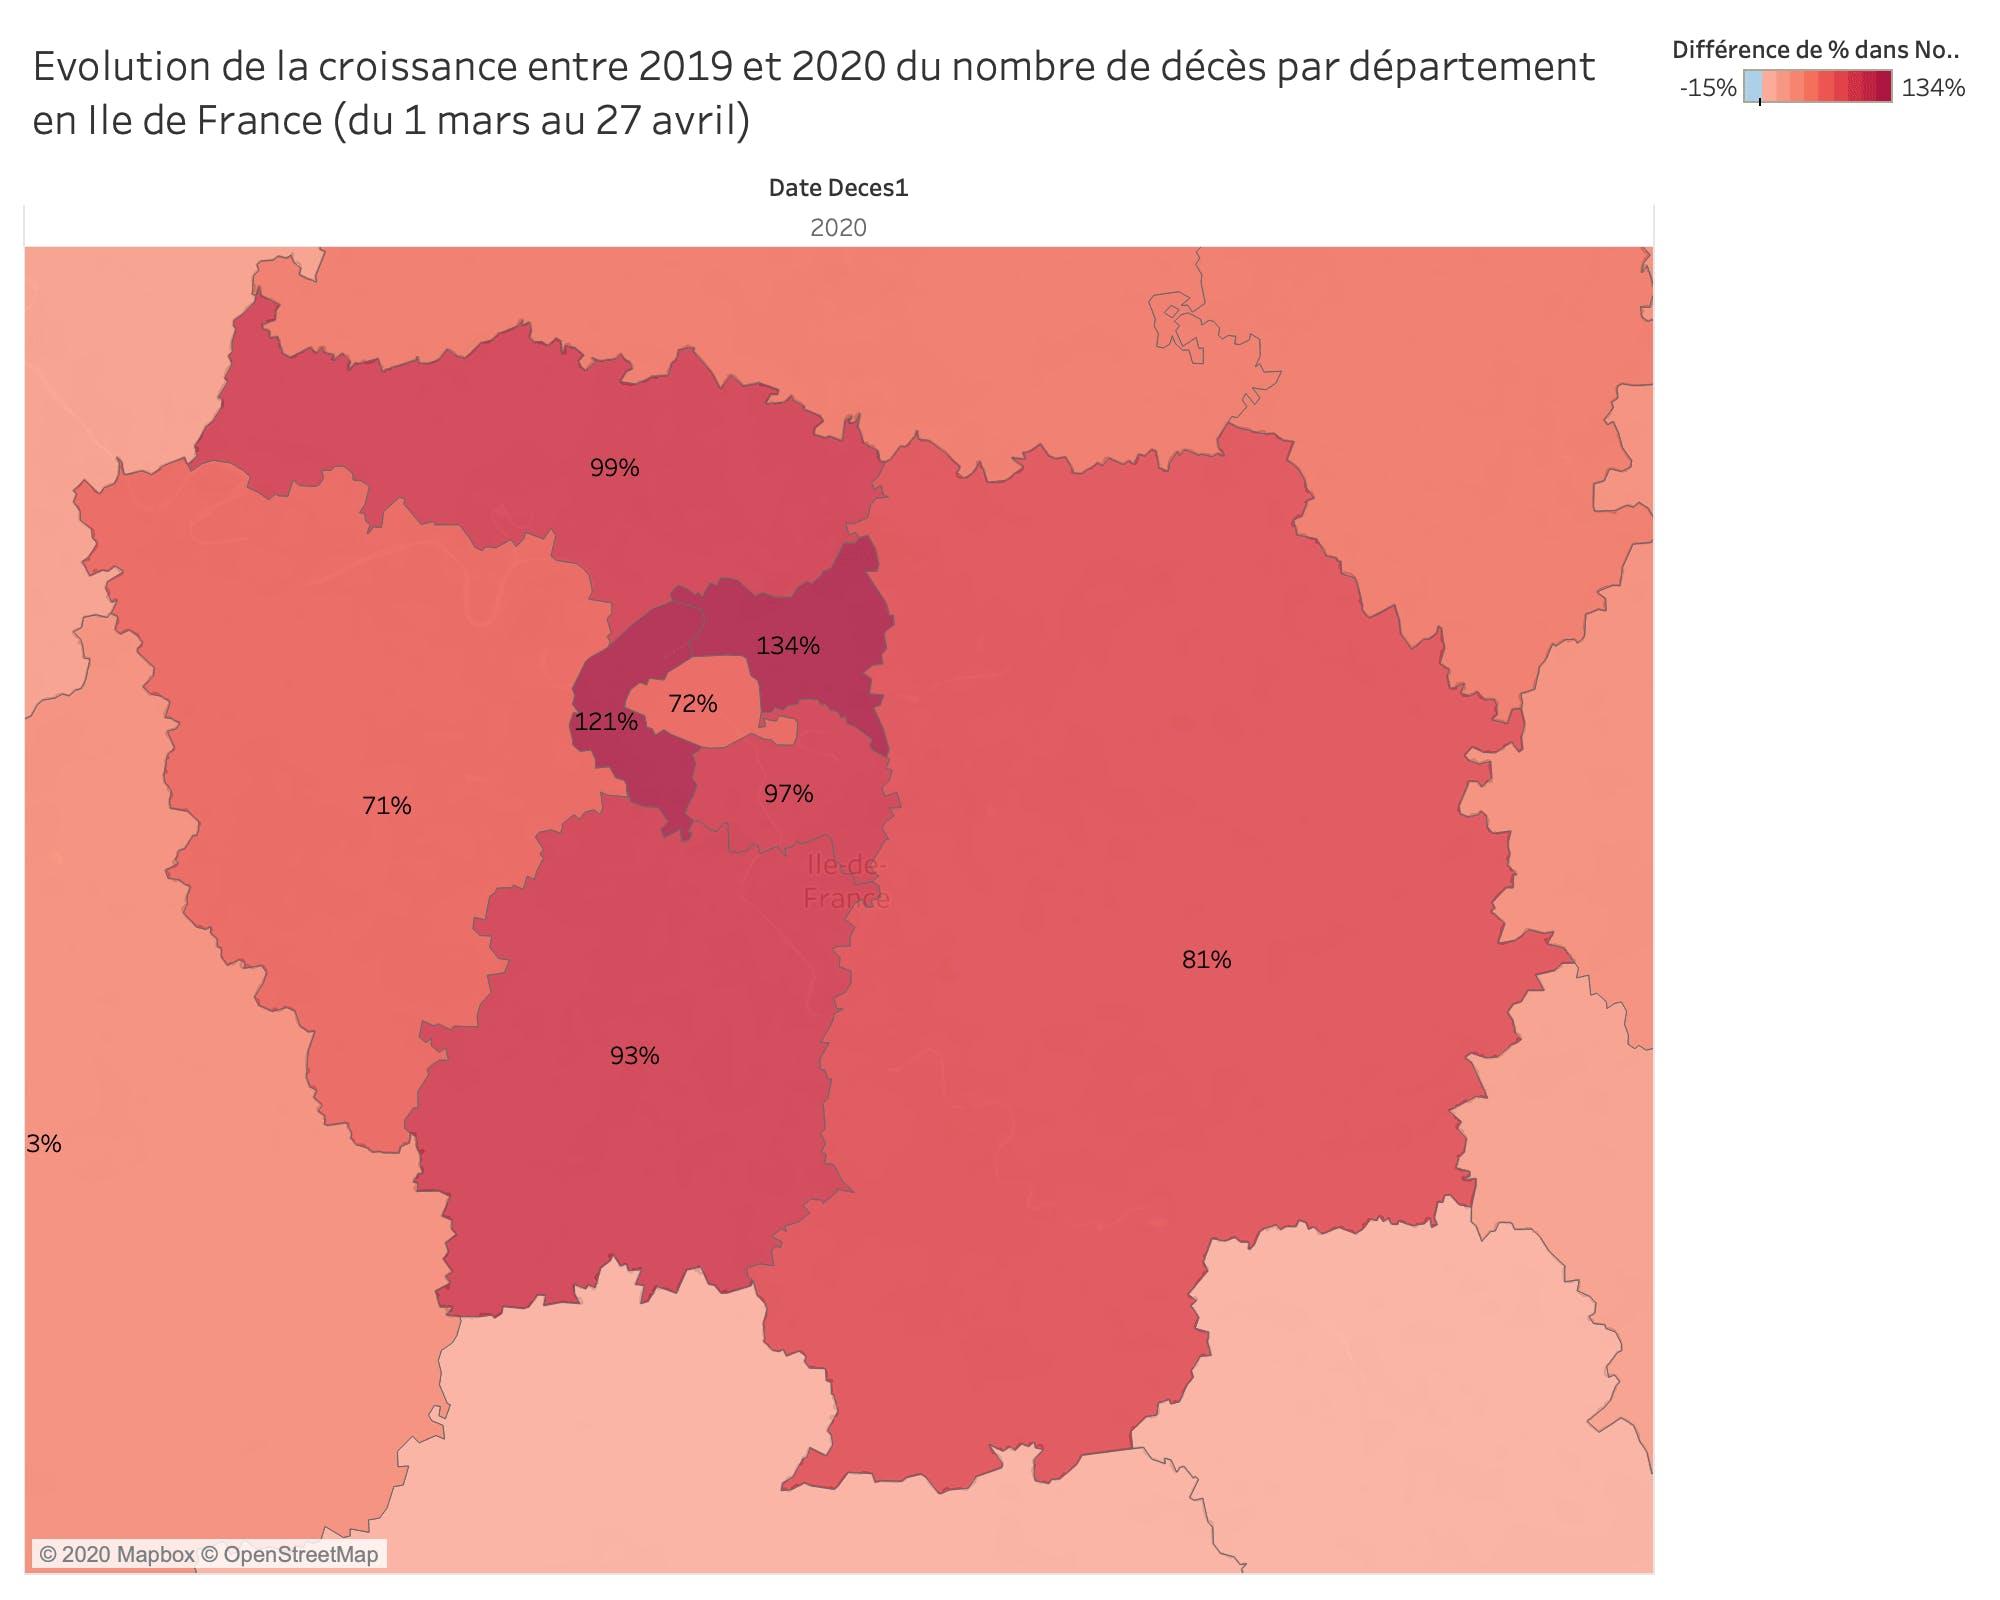 Evolution de la croissance entre 2019 et 2020 du nombre de décès par département en Ile de France (du 1 mars au 27 avril)